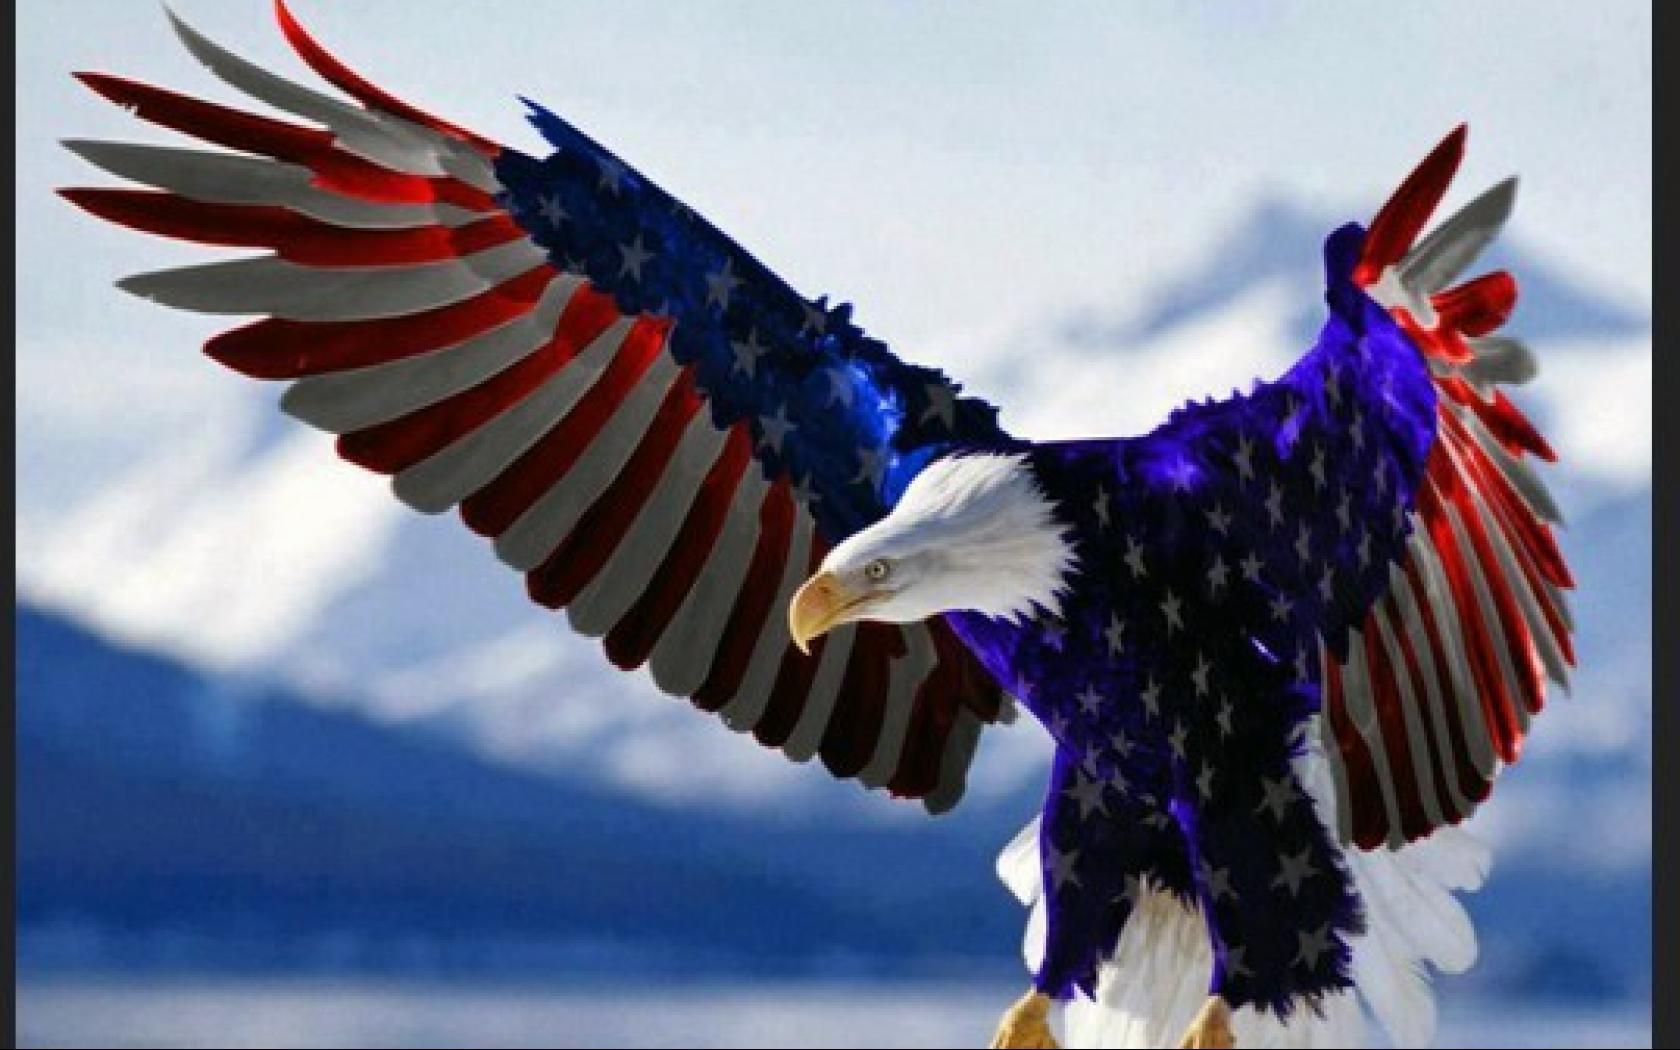 Συνάντηση τώρα Κοτζιά-Μπόλτον: «Μπορείτε να αντικαταστήσετε την Τουρκία; » το ερώτημα των ΗΠΑ – Αποκτούν και επίσημα νέα βάση στην χώρα μας